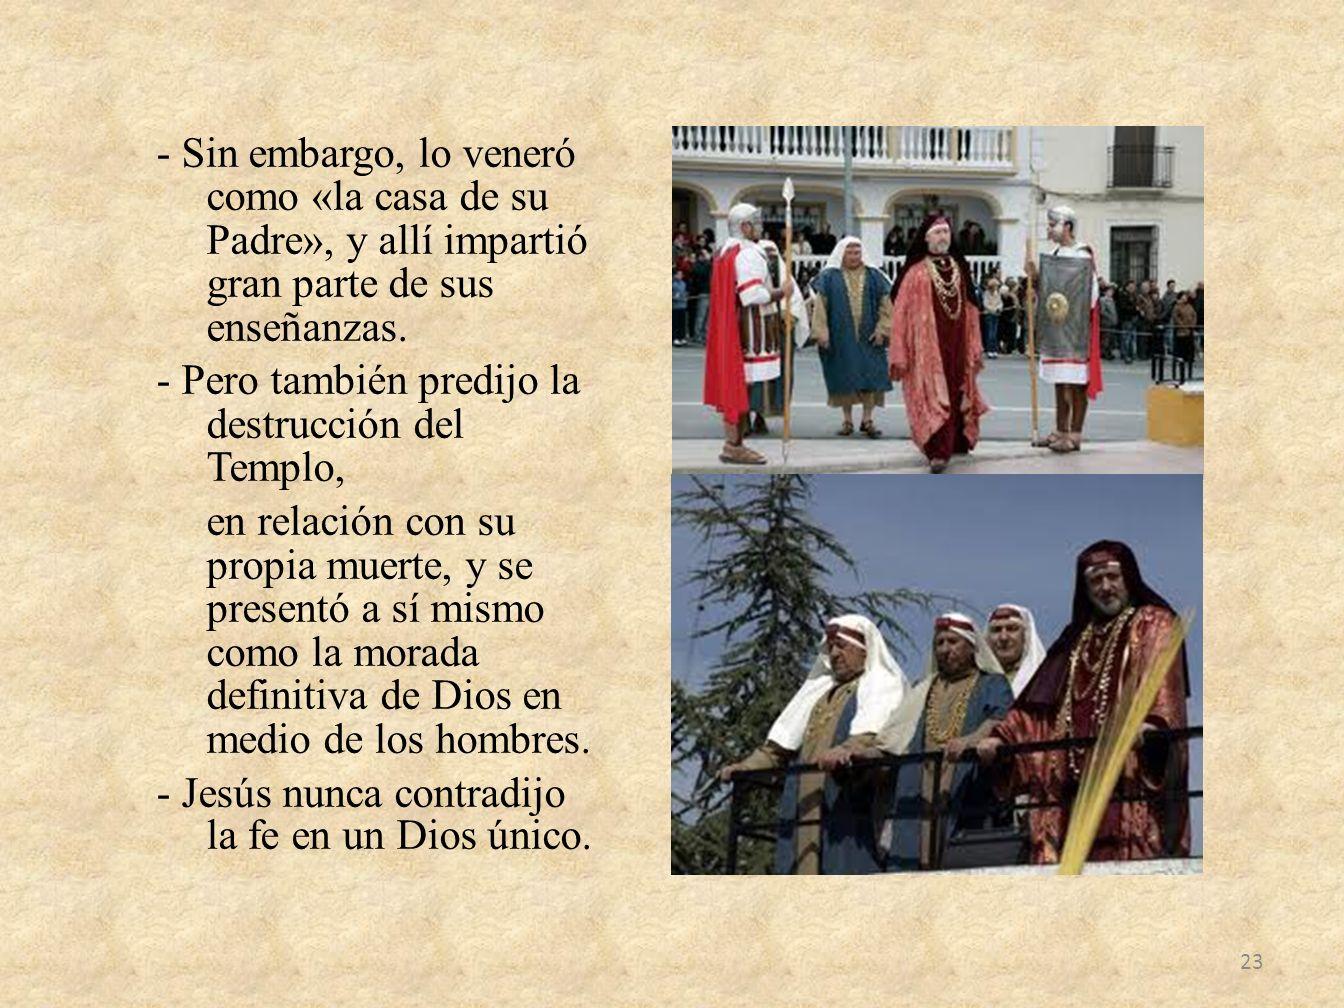 - Sin embargo, lo veneró como «la casa de su Padre», y allí impartió gran parte de sus enseñanzas.